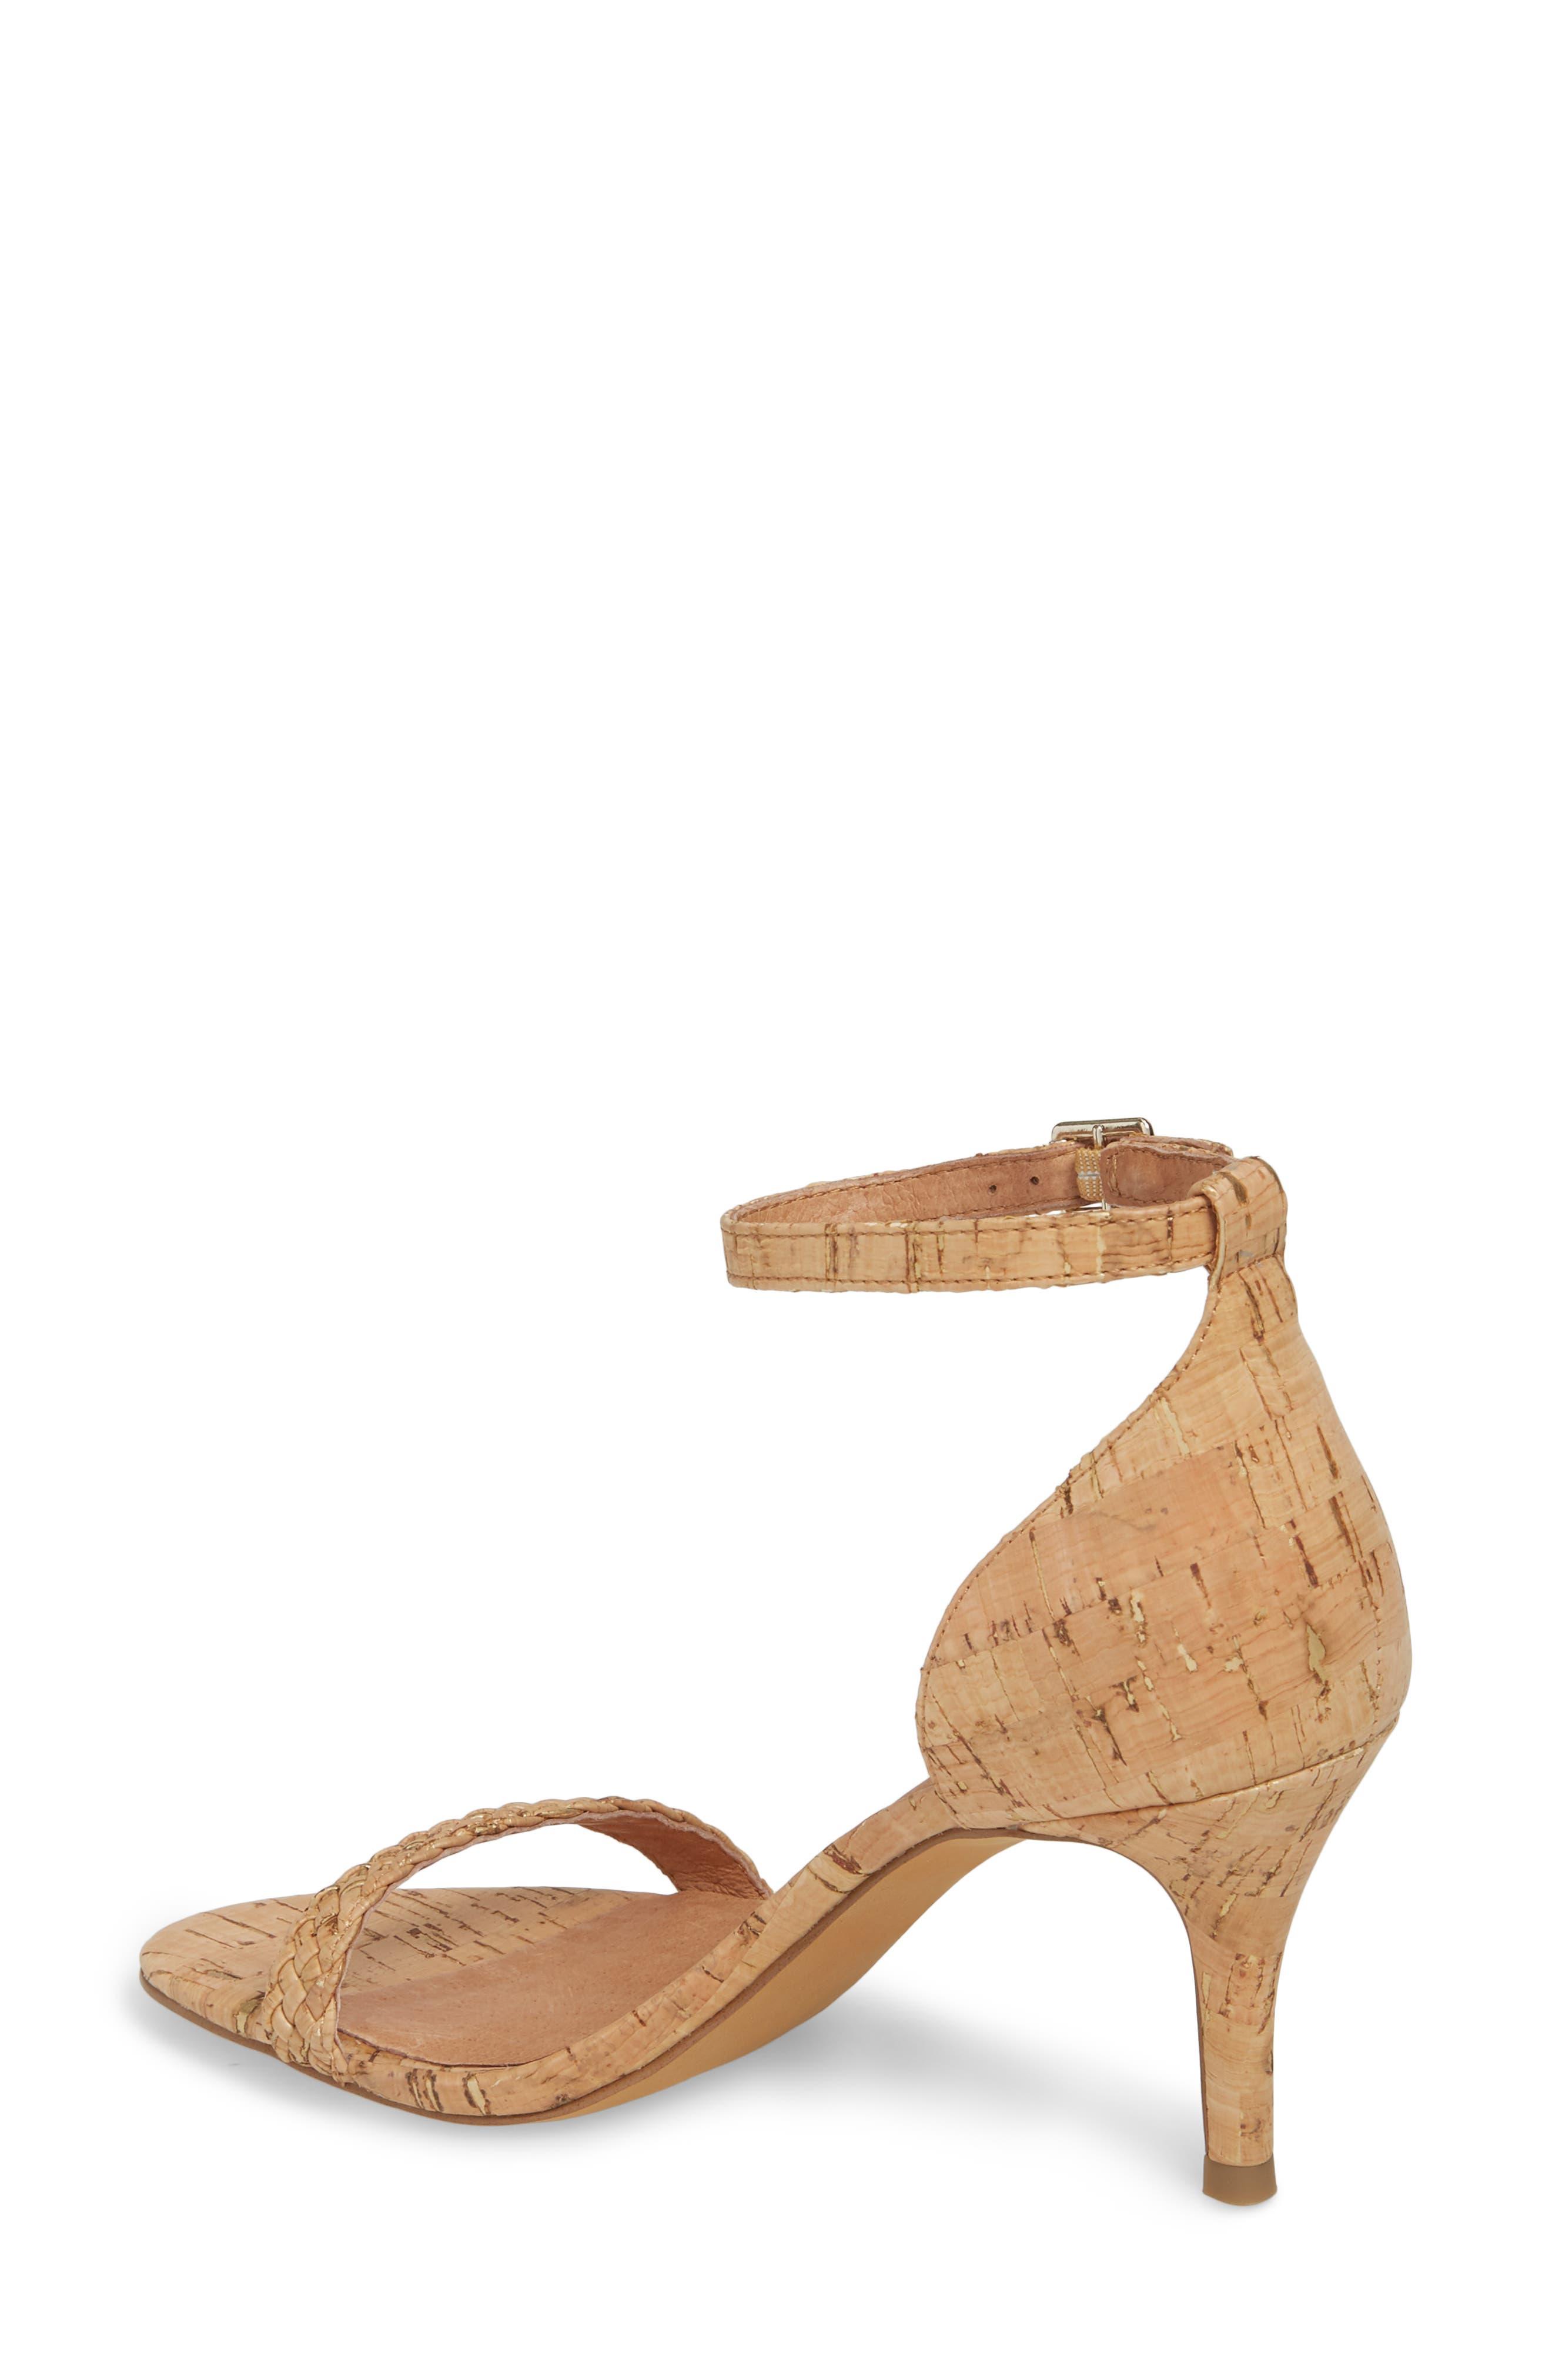 Audrey Ankle Strap Sandal,                             Alternate thumbnail 31, color,